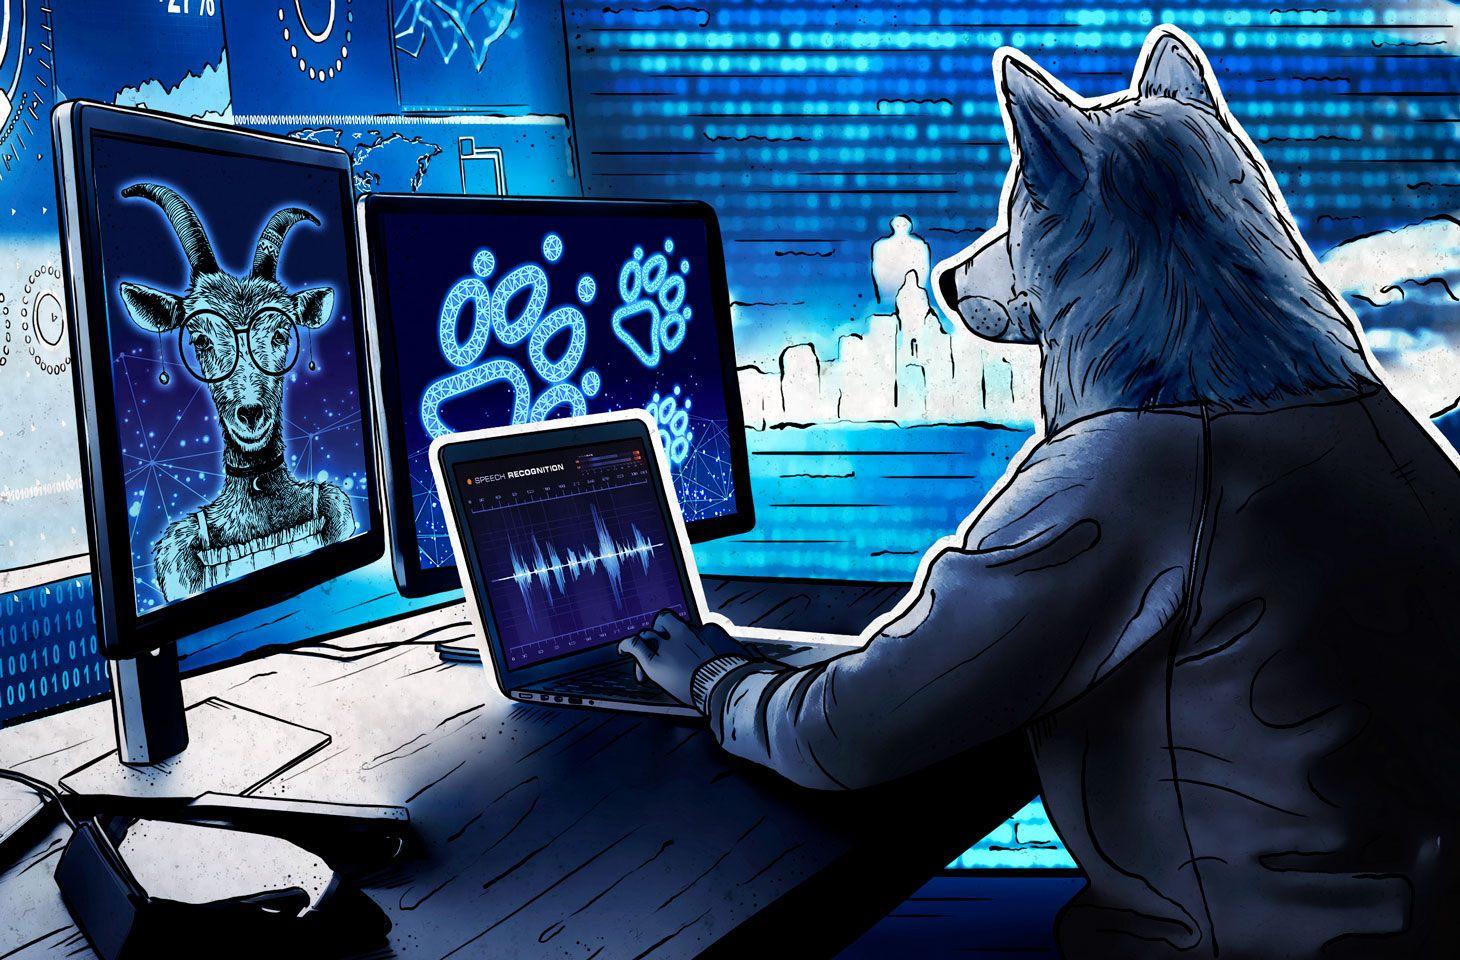 Analizamos el cuento El lobo y los siete cabritos en términos de ciberseguridad.